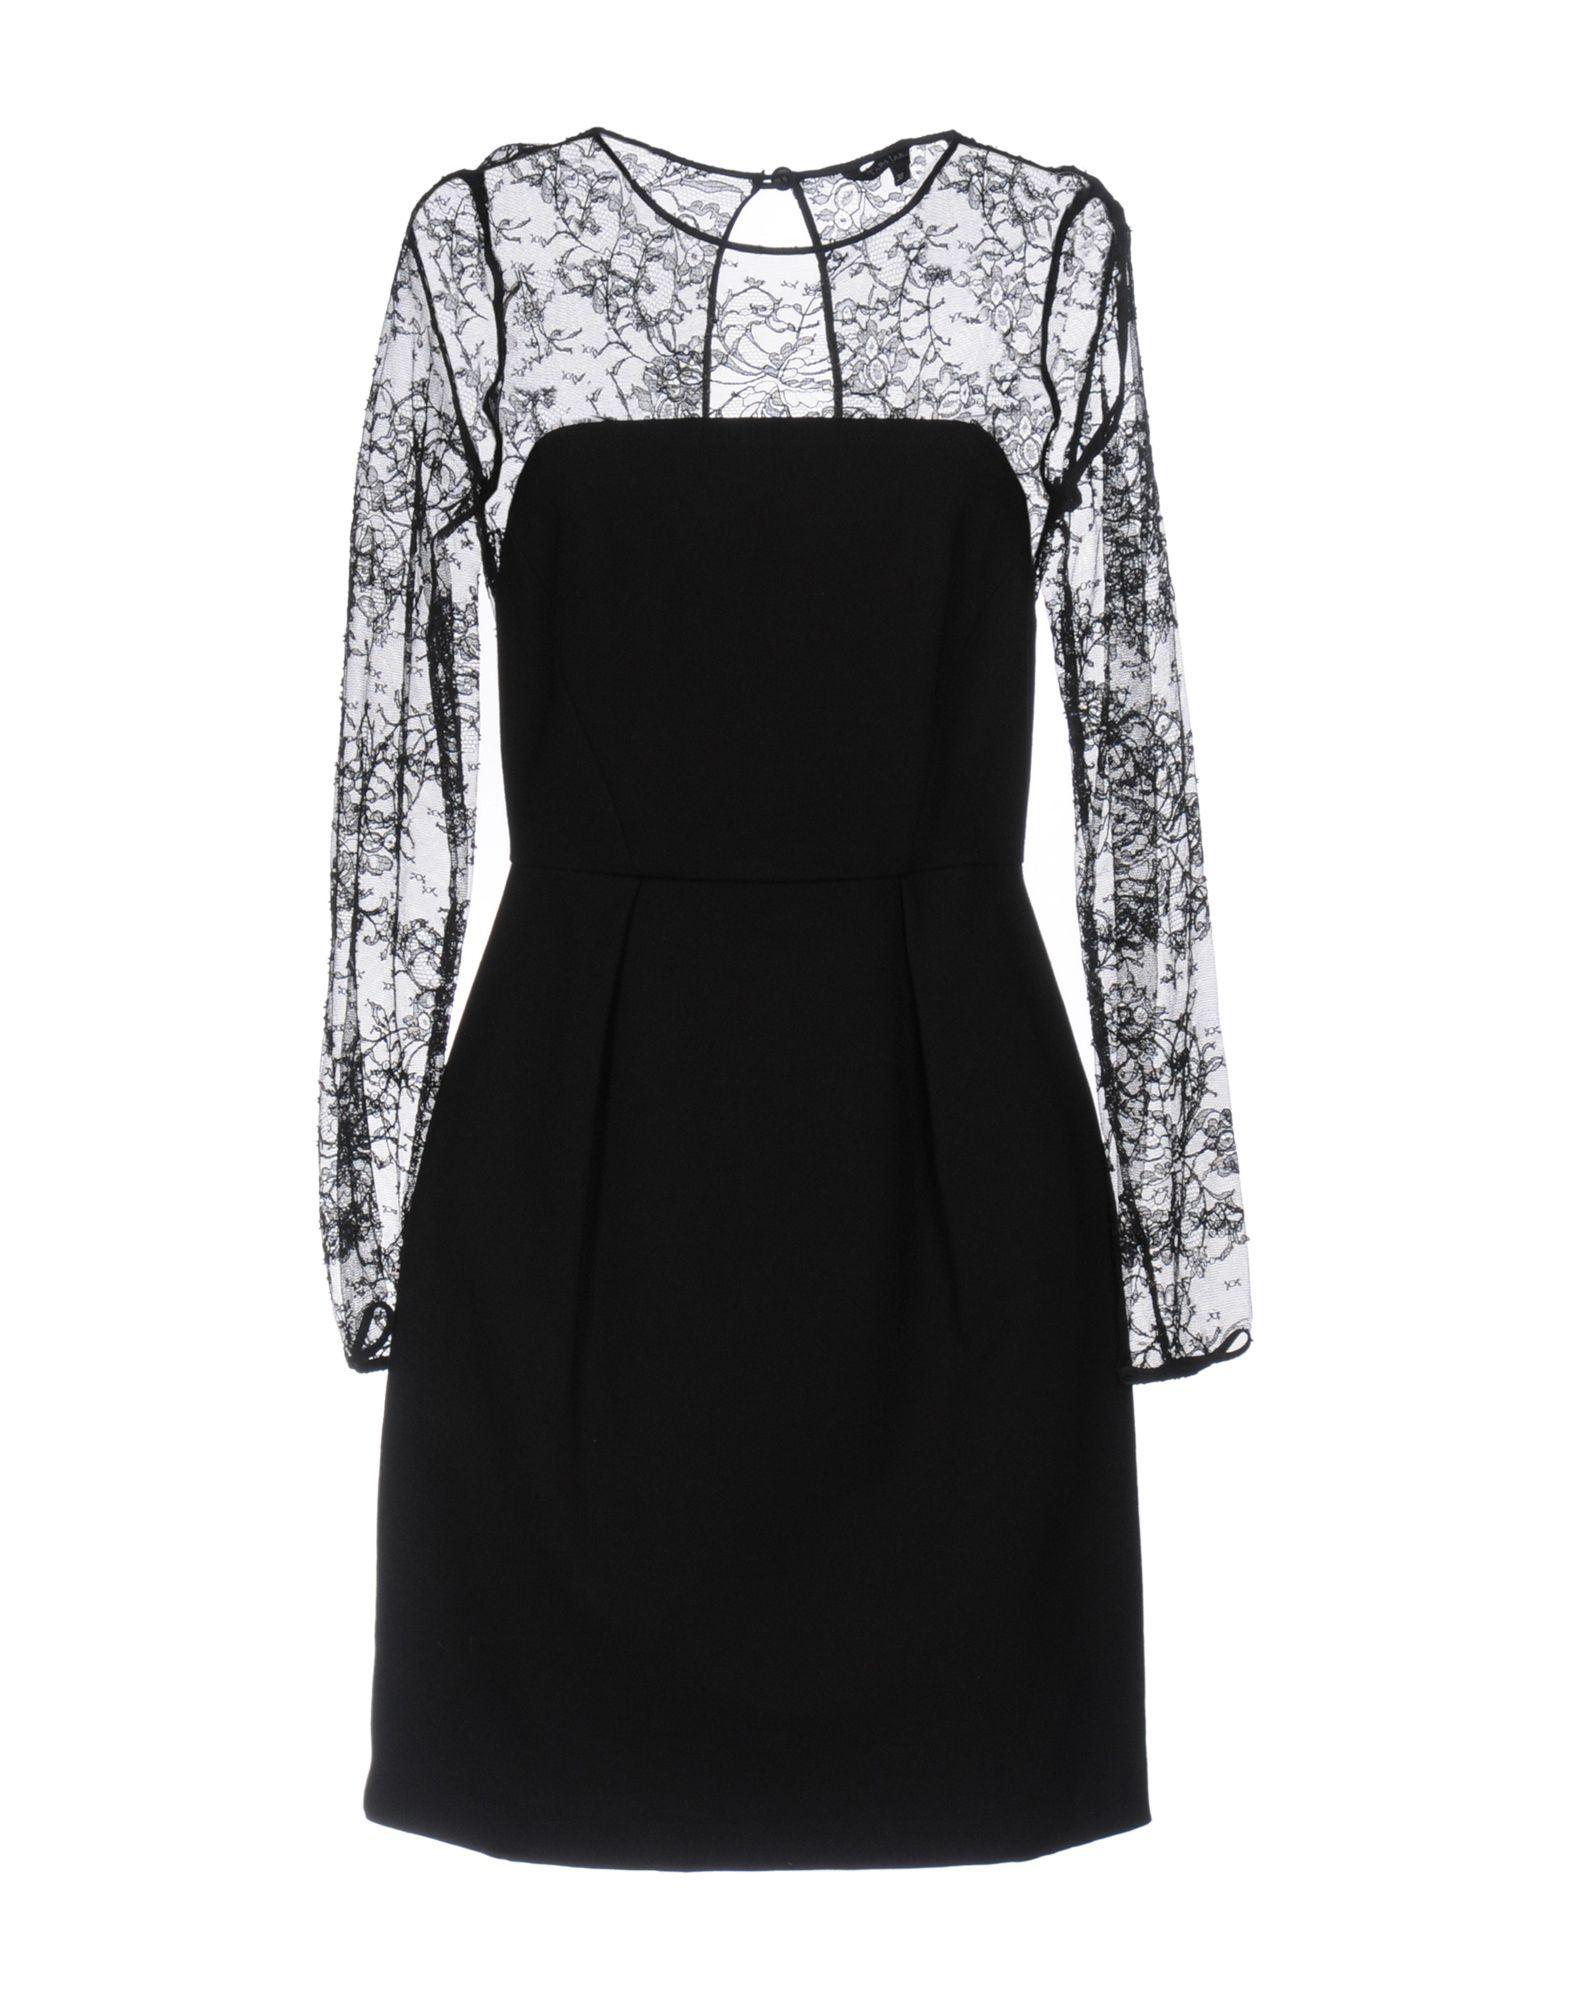 Tara Jarmon Black Jersey And Lace Dress